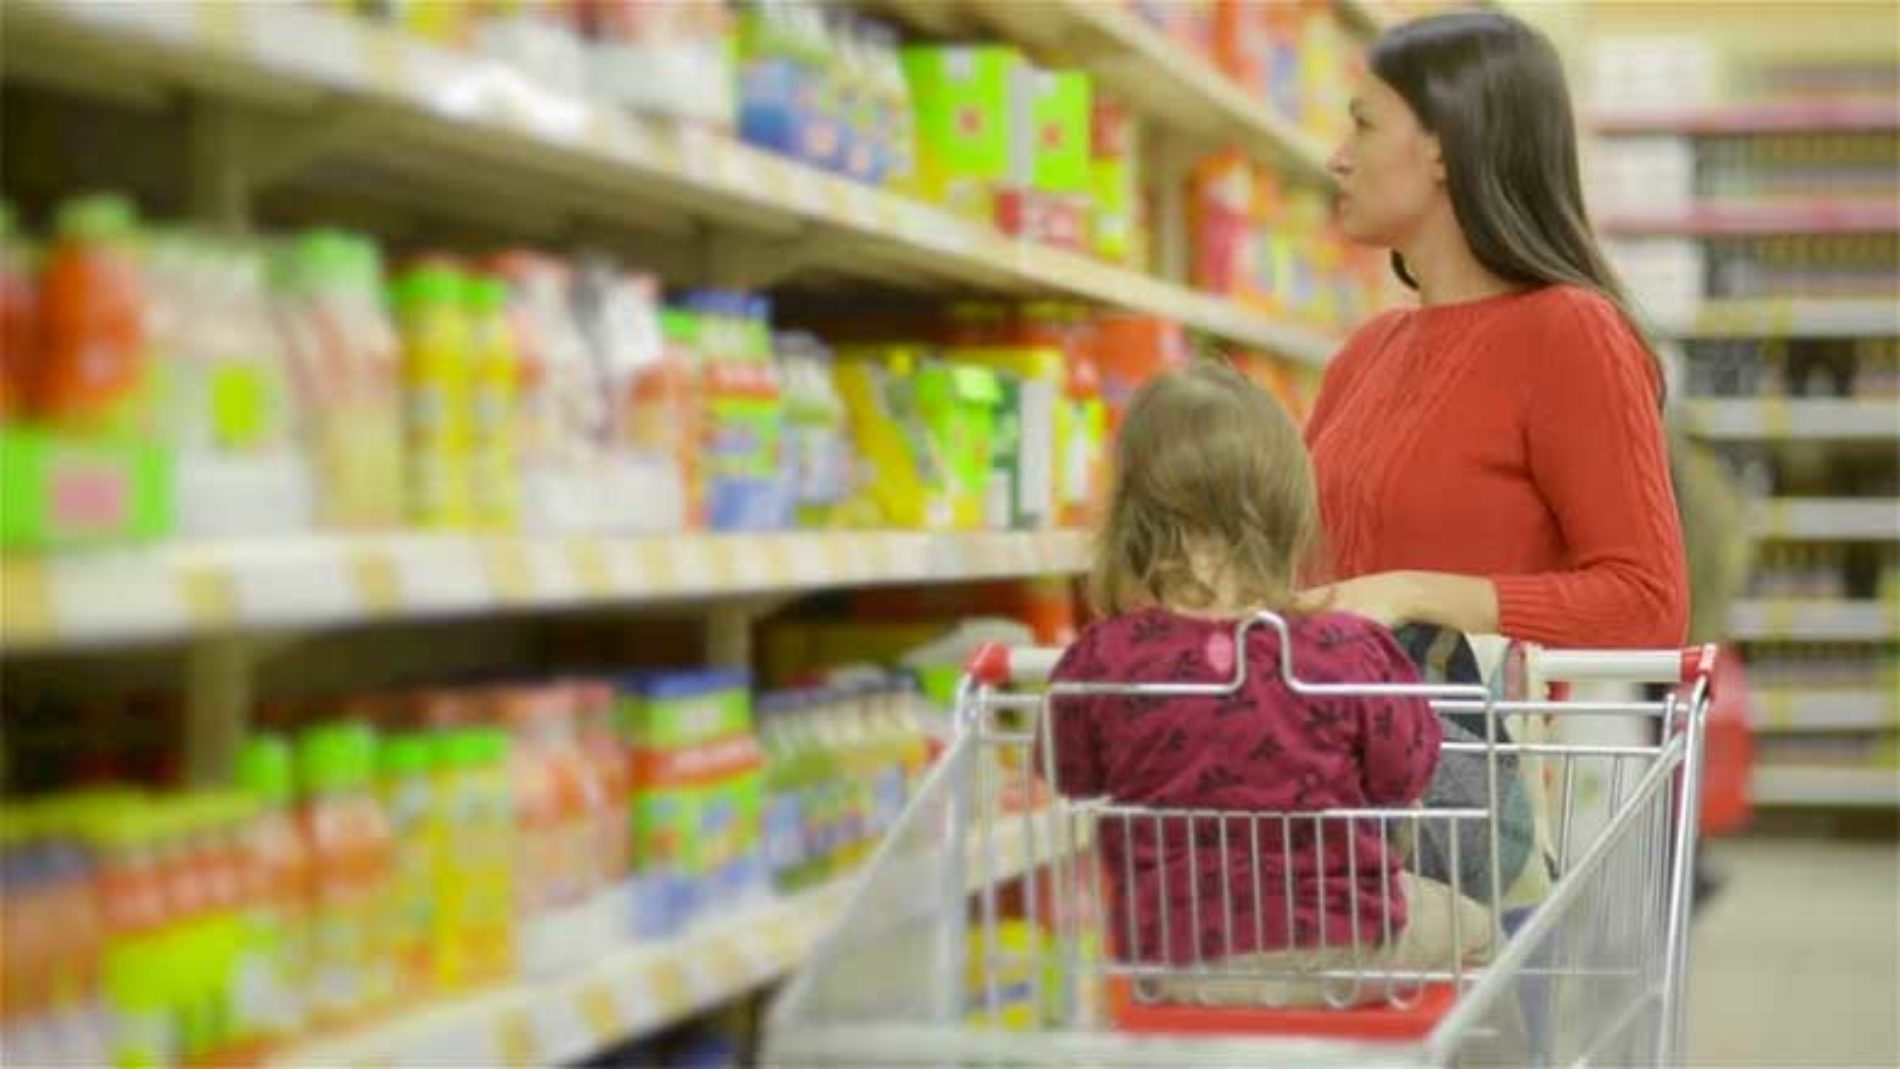 Mat og huskeliste for varekjøp